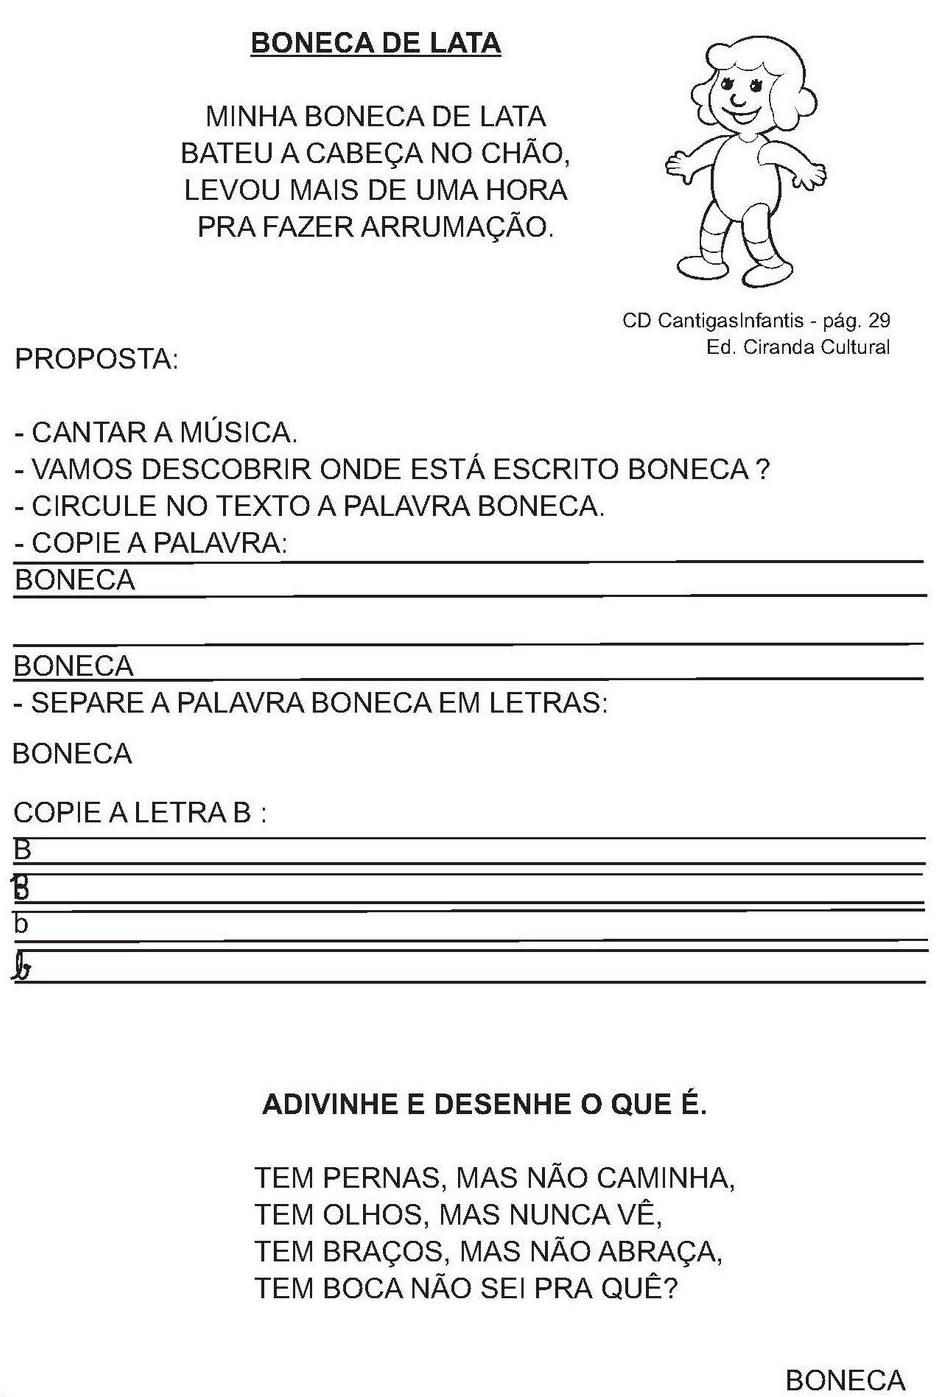 Atividades Com A Musica Boneca De Lata Sugestoes Construcao Da